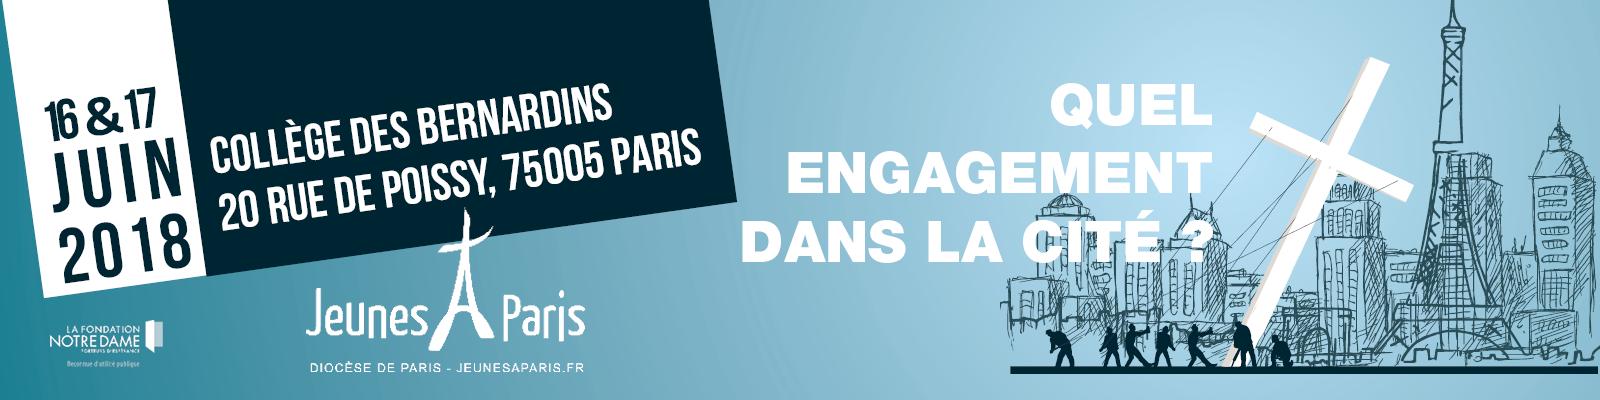 L'engagement des Chrétiens dans la Cité – week-end d'enseignement les 16 & 17 juin à Paris